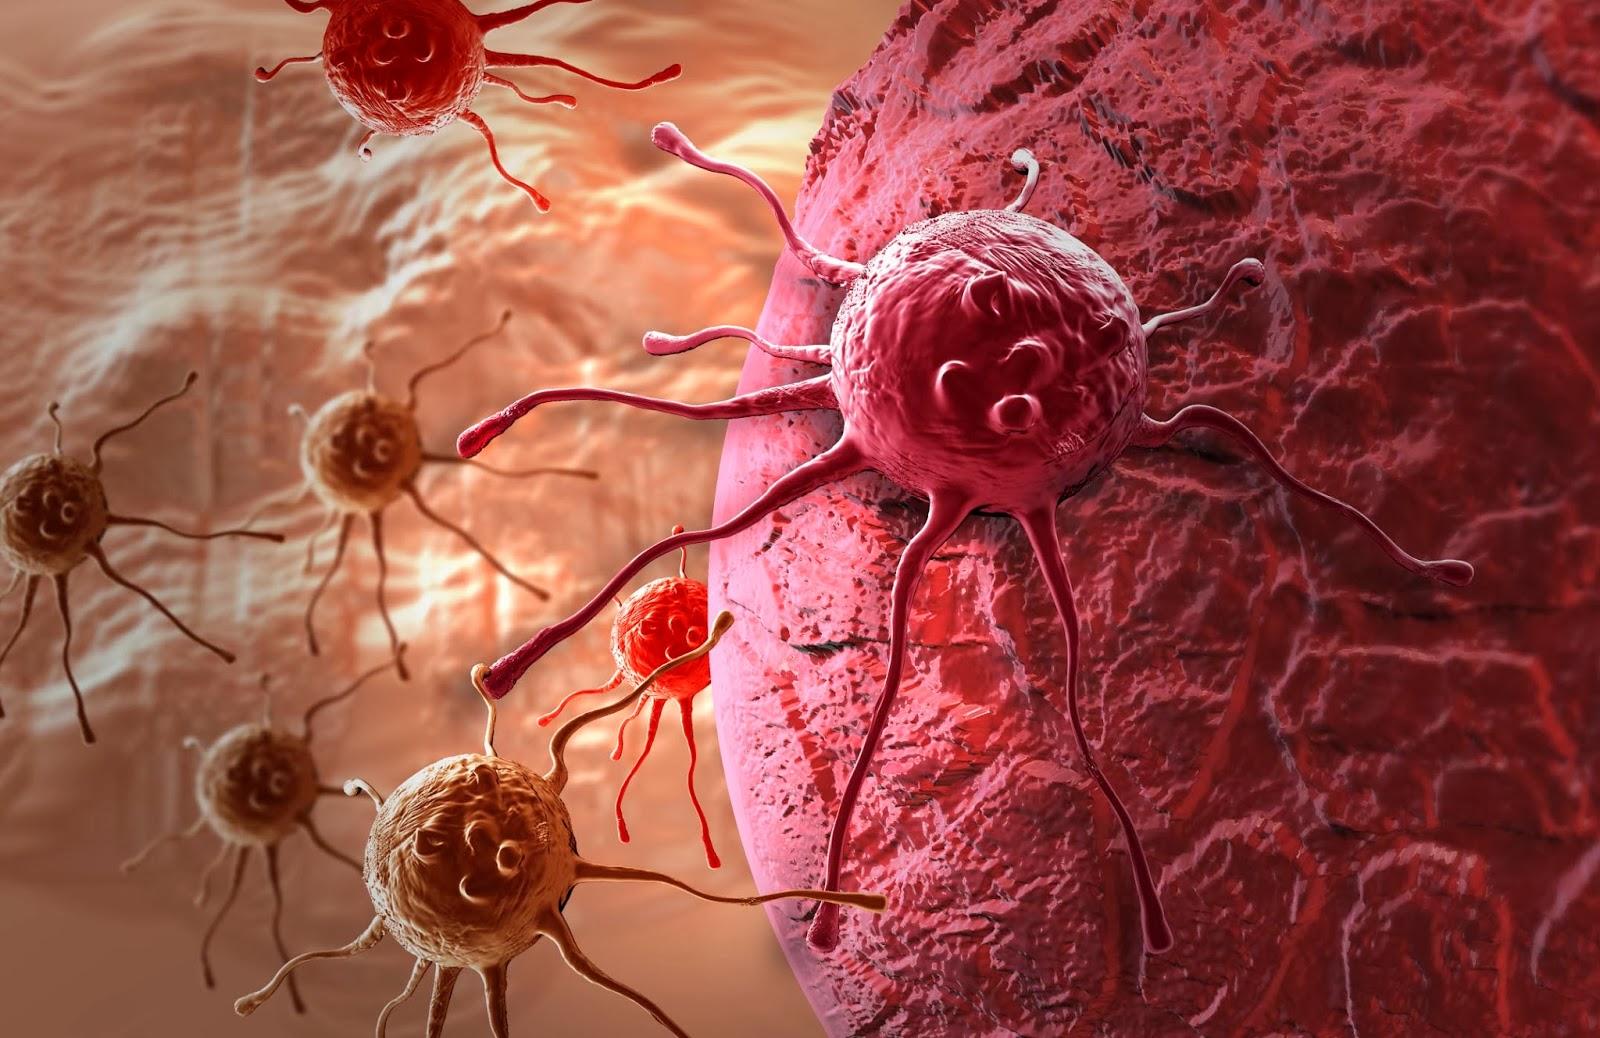 Британские ученые выяснили, что иммунотерапия может избавить от неизлечимой раковой опухоли